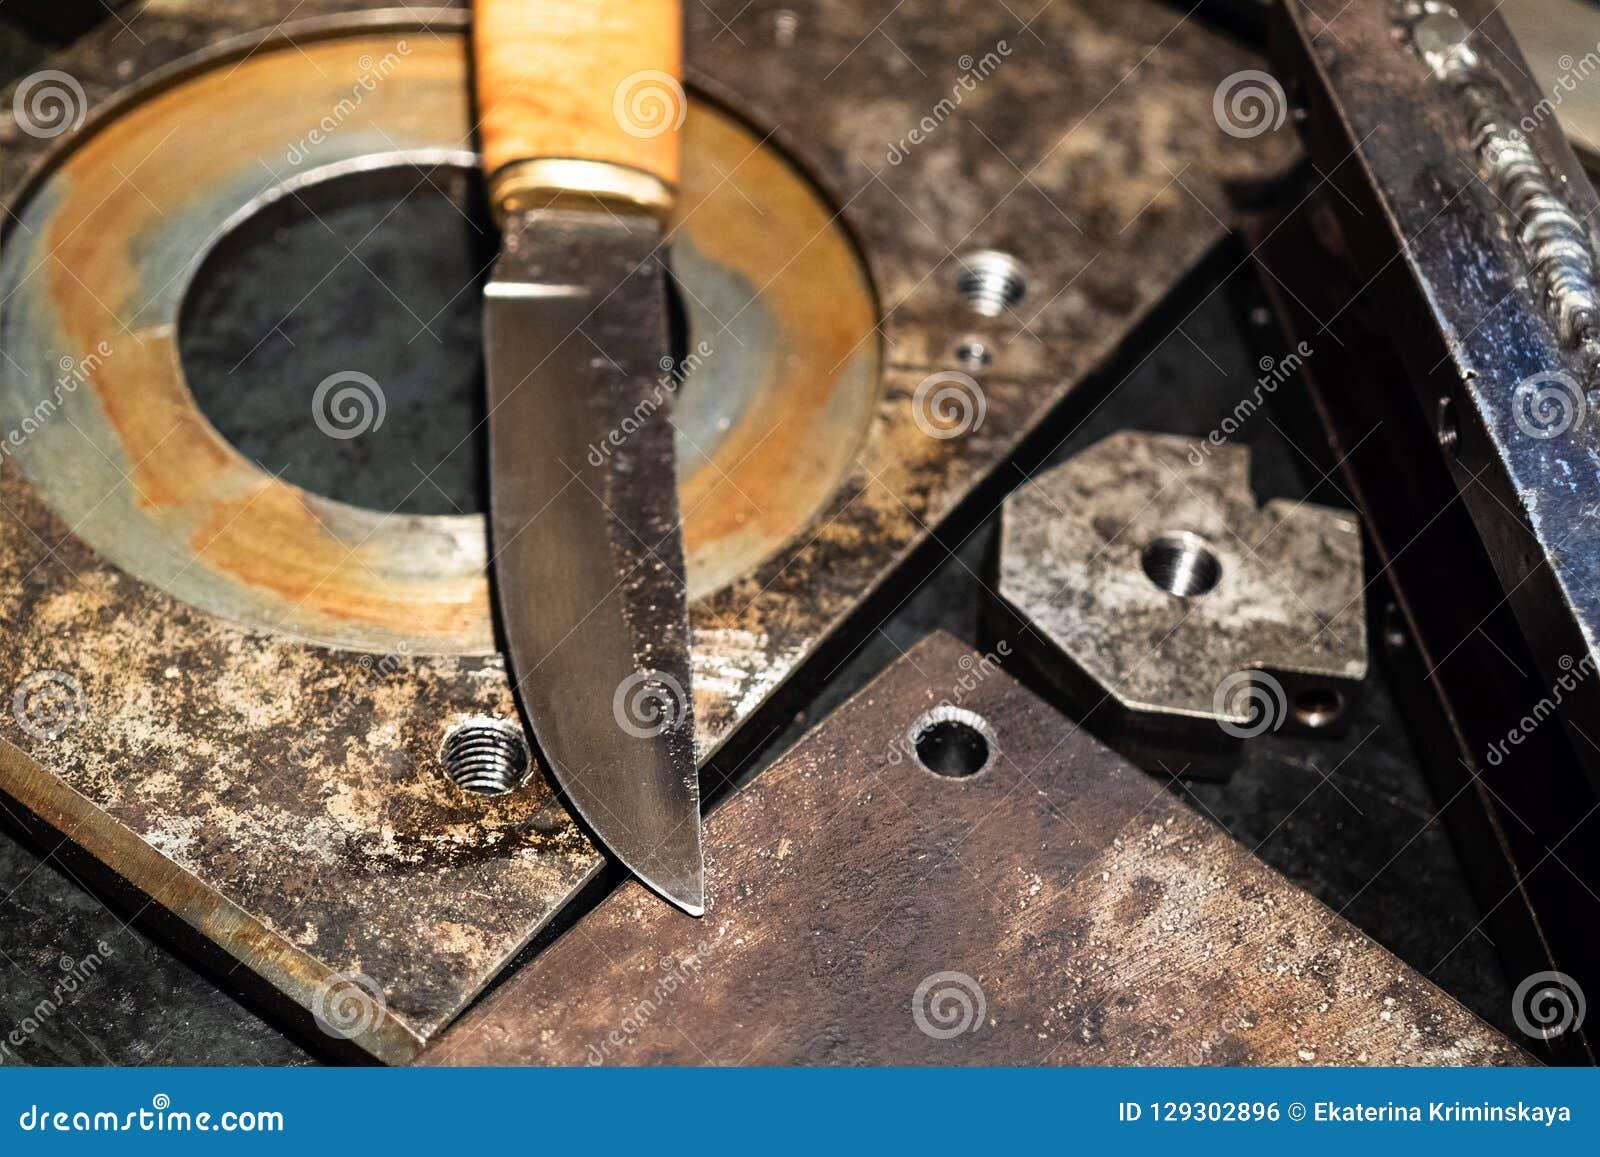 Cuchilla del cierre forjado del cuchillo para arriba en el banco de trabajo del metal